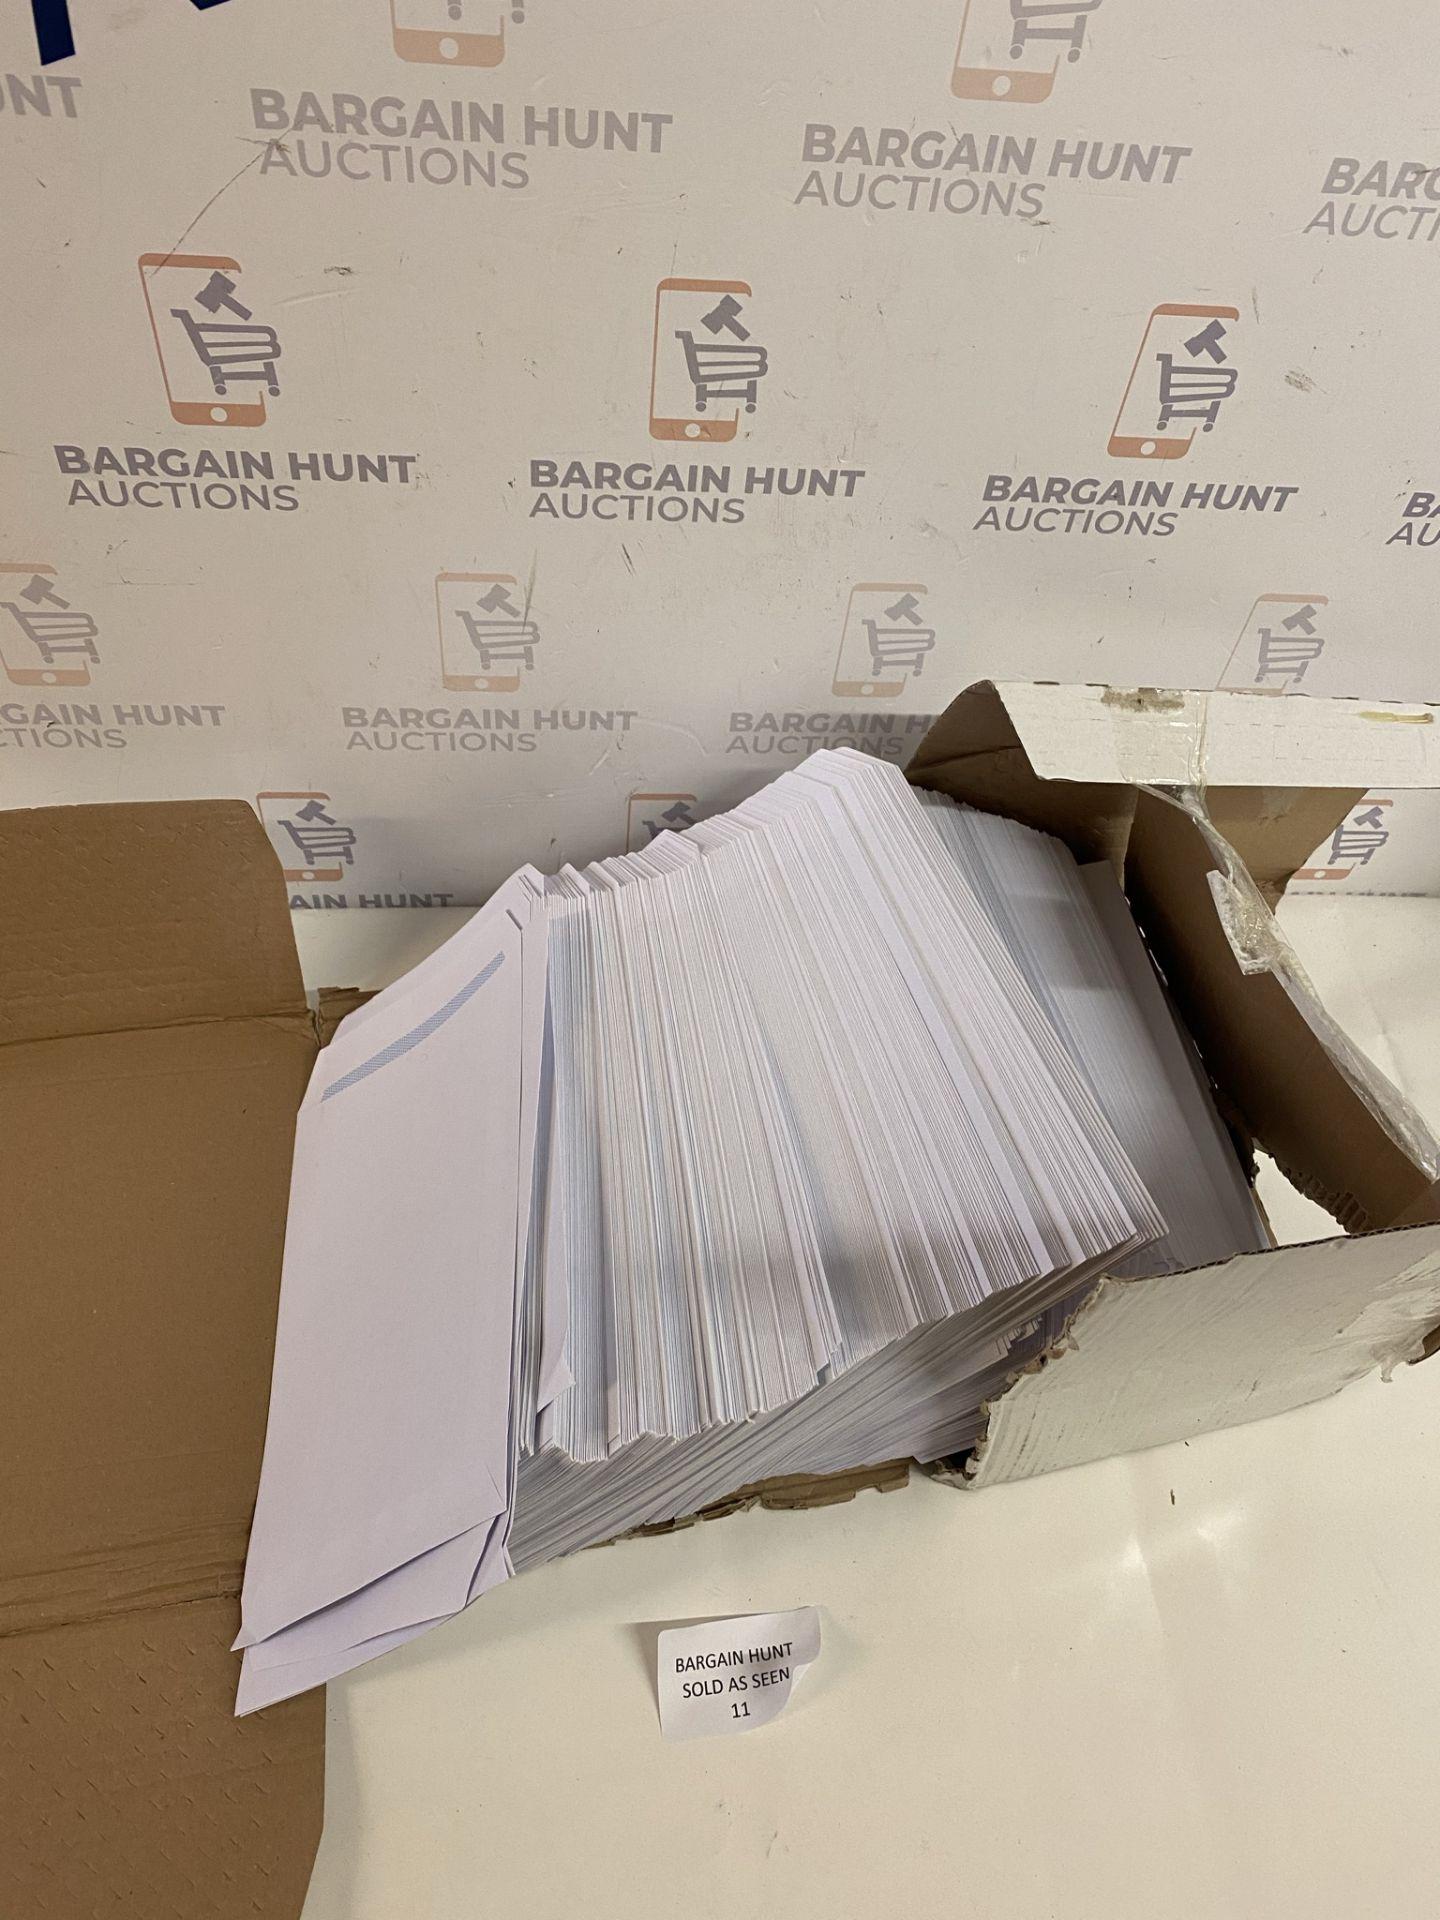 Pack of Envelopes